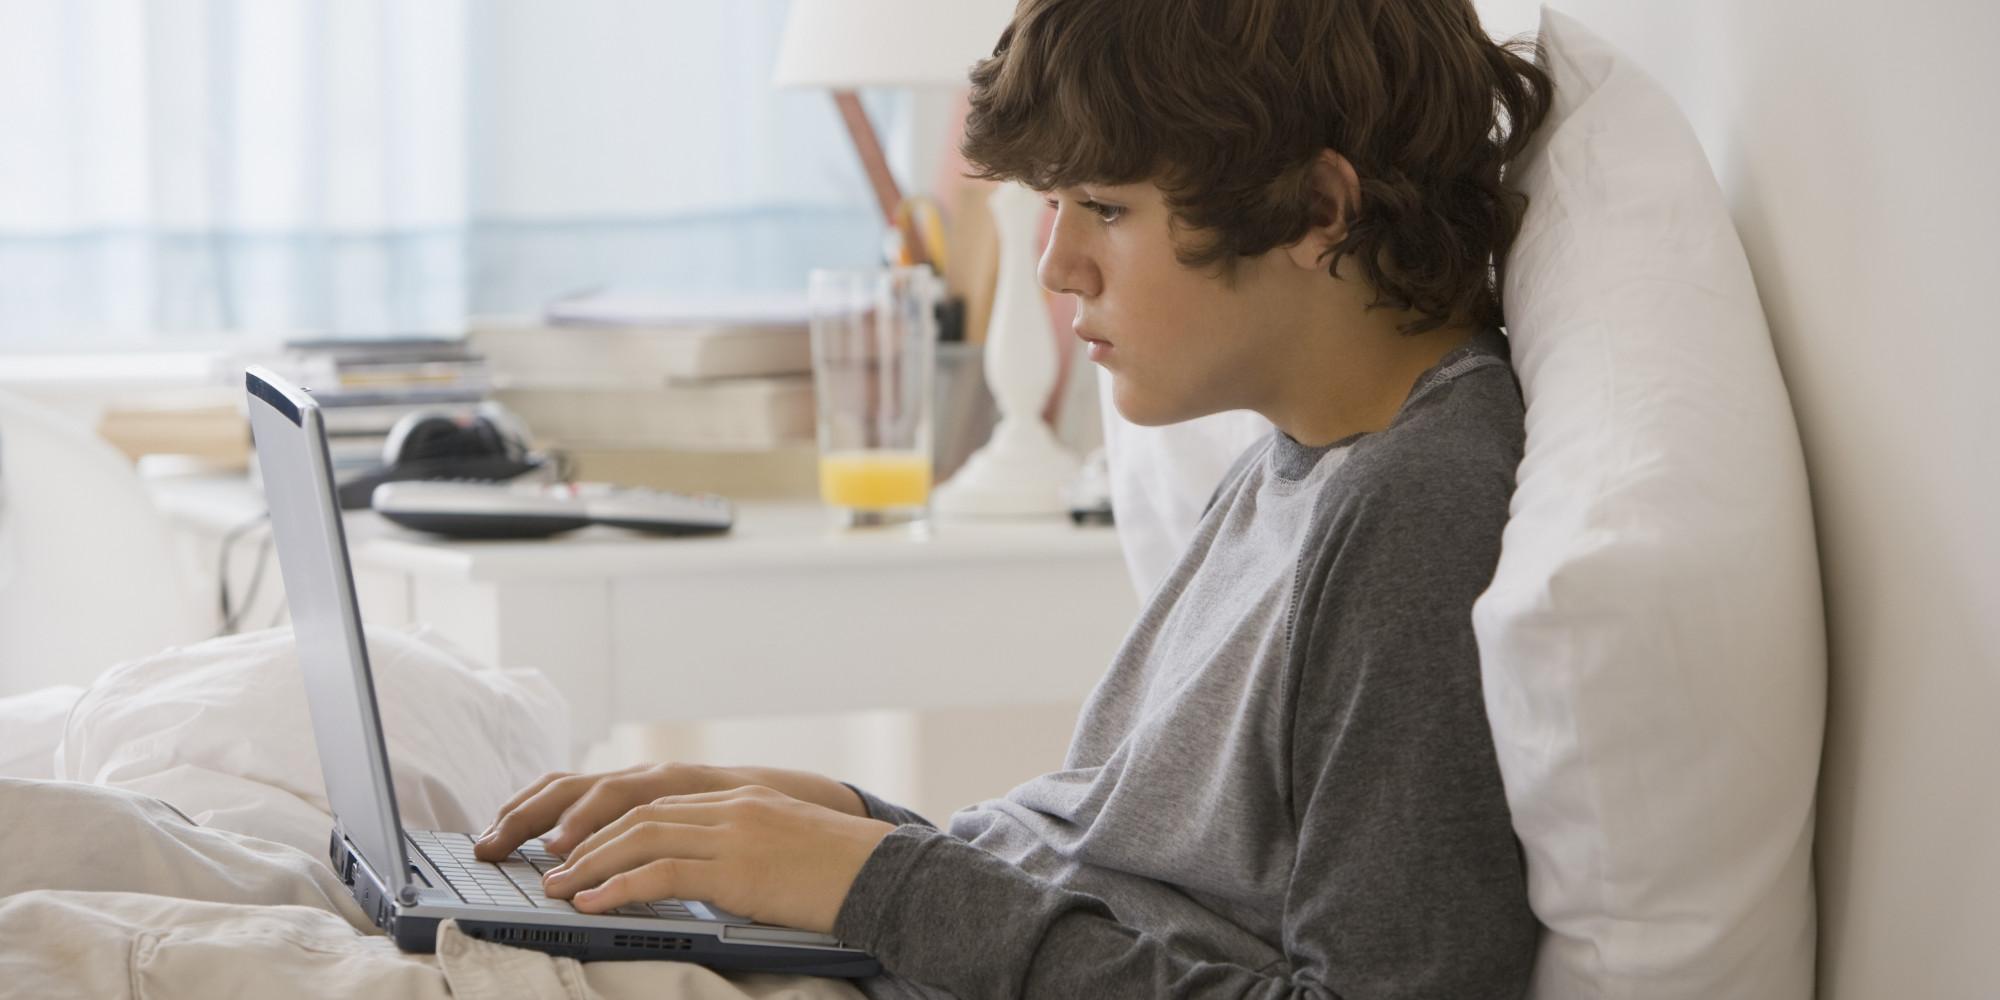 В чём опасность детской компьютерной зависимости и как с ней бороться?